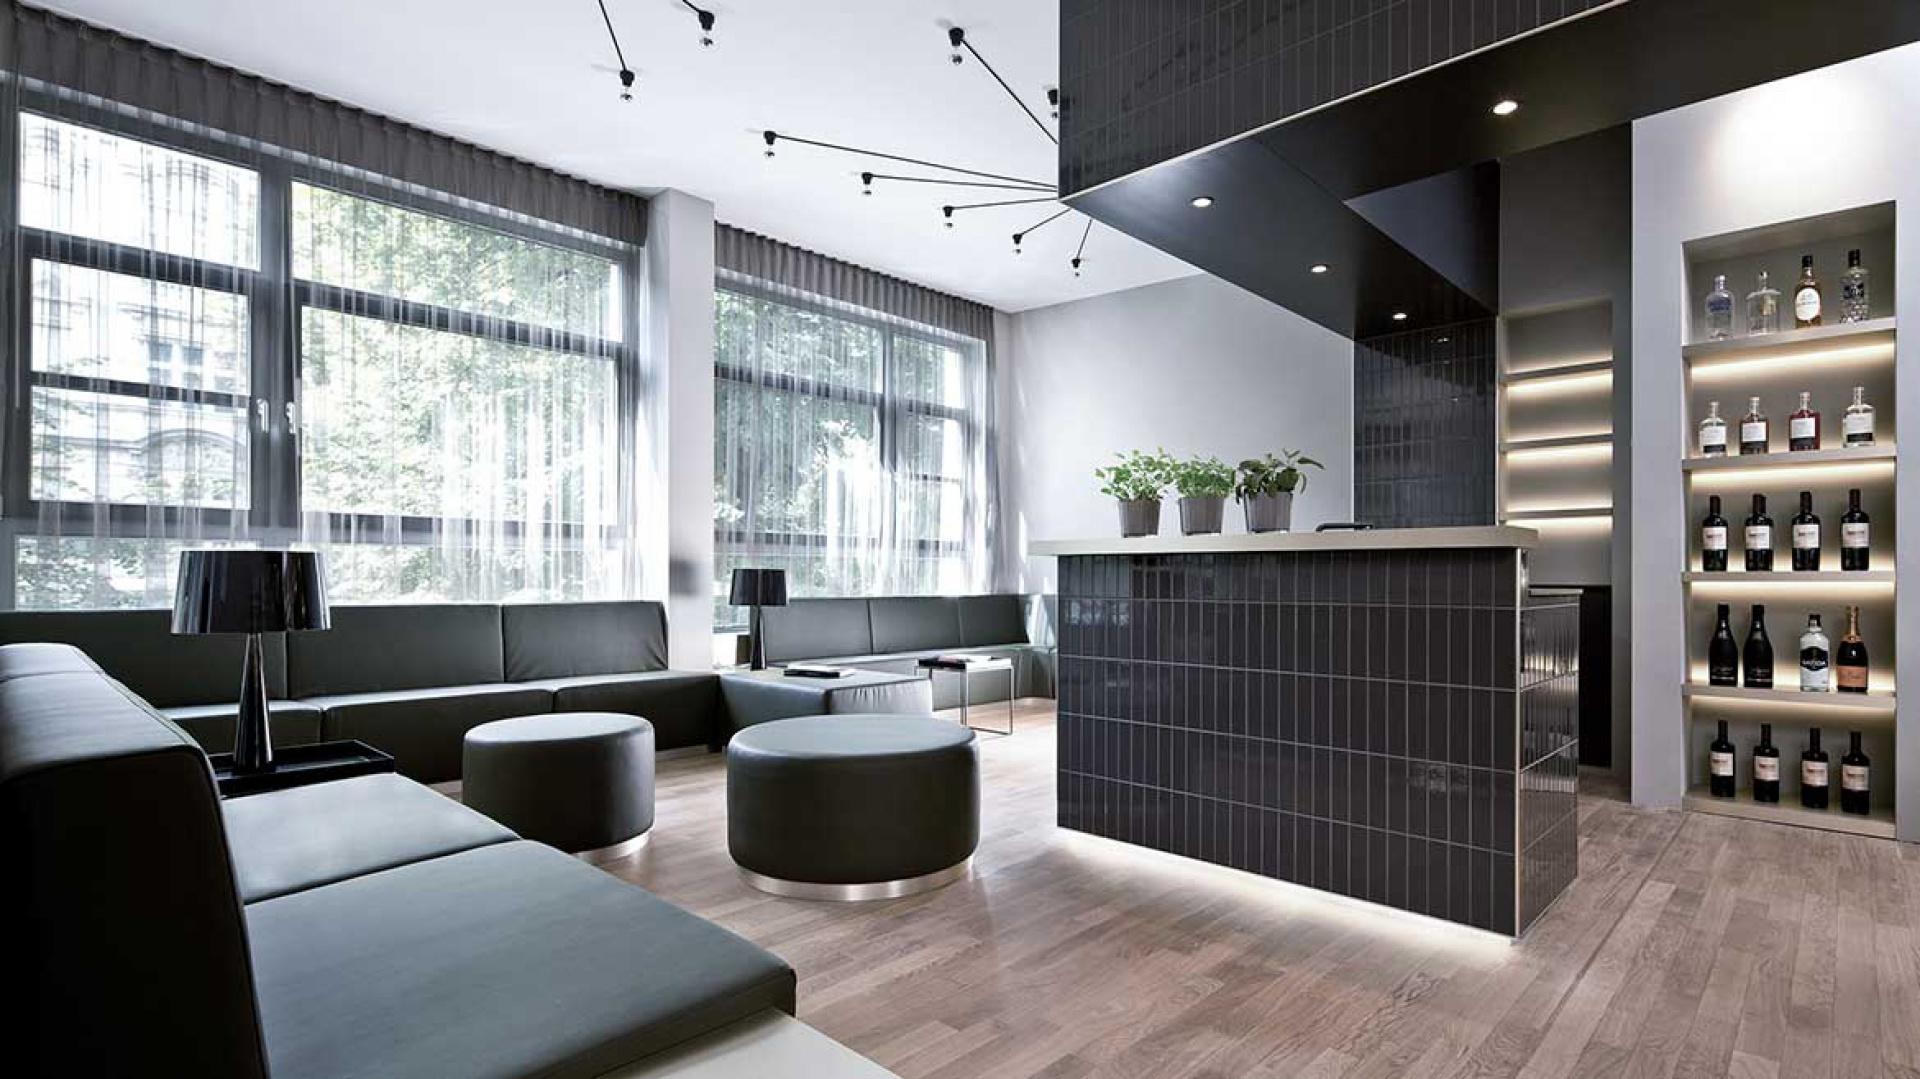 Zlokalizowana w kubiku obszerna kuchnia otwiera się na elegancki hol, w którym zlokalizowano komplet mebli wypoczynkowych. Komponują się one kolorystycznie z ciemnymi kaflami położonymi wokół kuchni. Surową kolorystykę przełamuje parkiet w ciepłym kolorze naturalnego drewna. Fot. www.suite030.com.